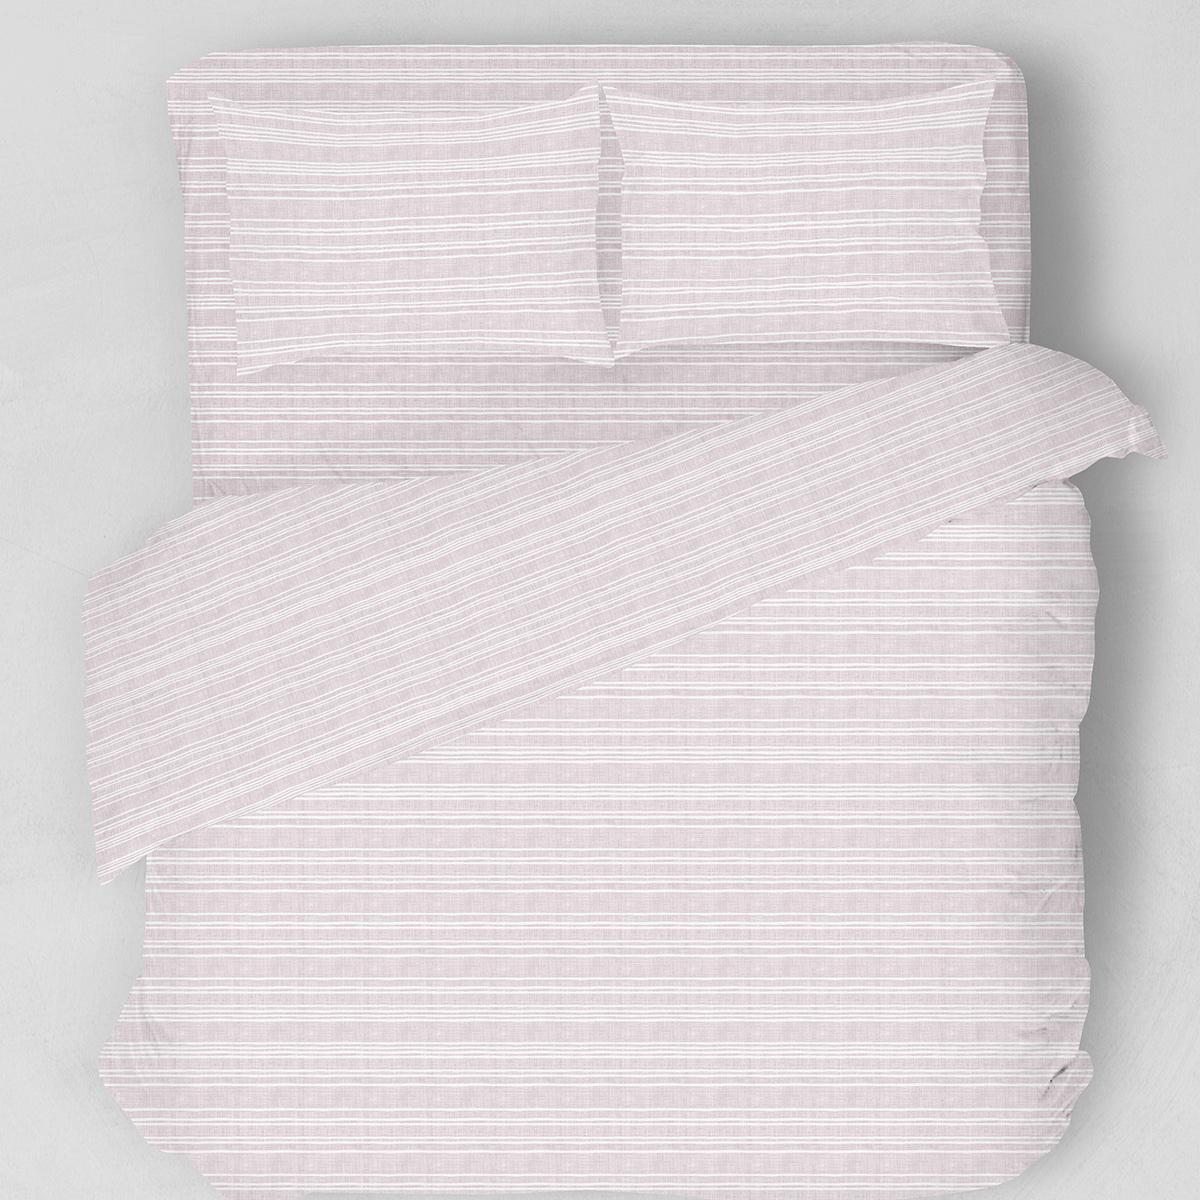 Σεντόνια Υπέρδιπλα (Σετ) Melinen Watercolour Lilac ΜΕ ΛΑΣΤΙΧΟ 160×200+32 ΜΕ ΛΑΣΤΙΧΟ 160×200+32